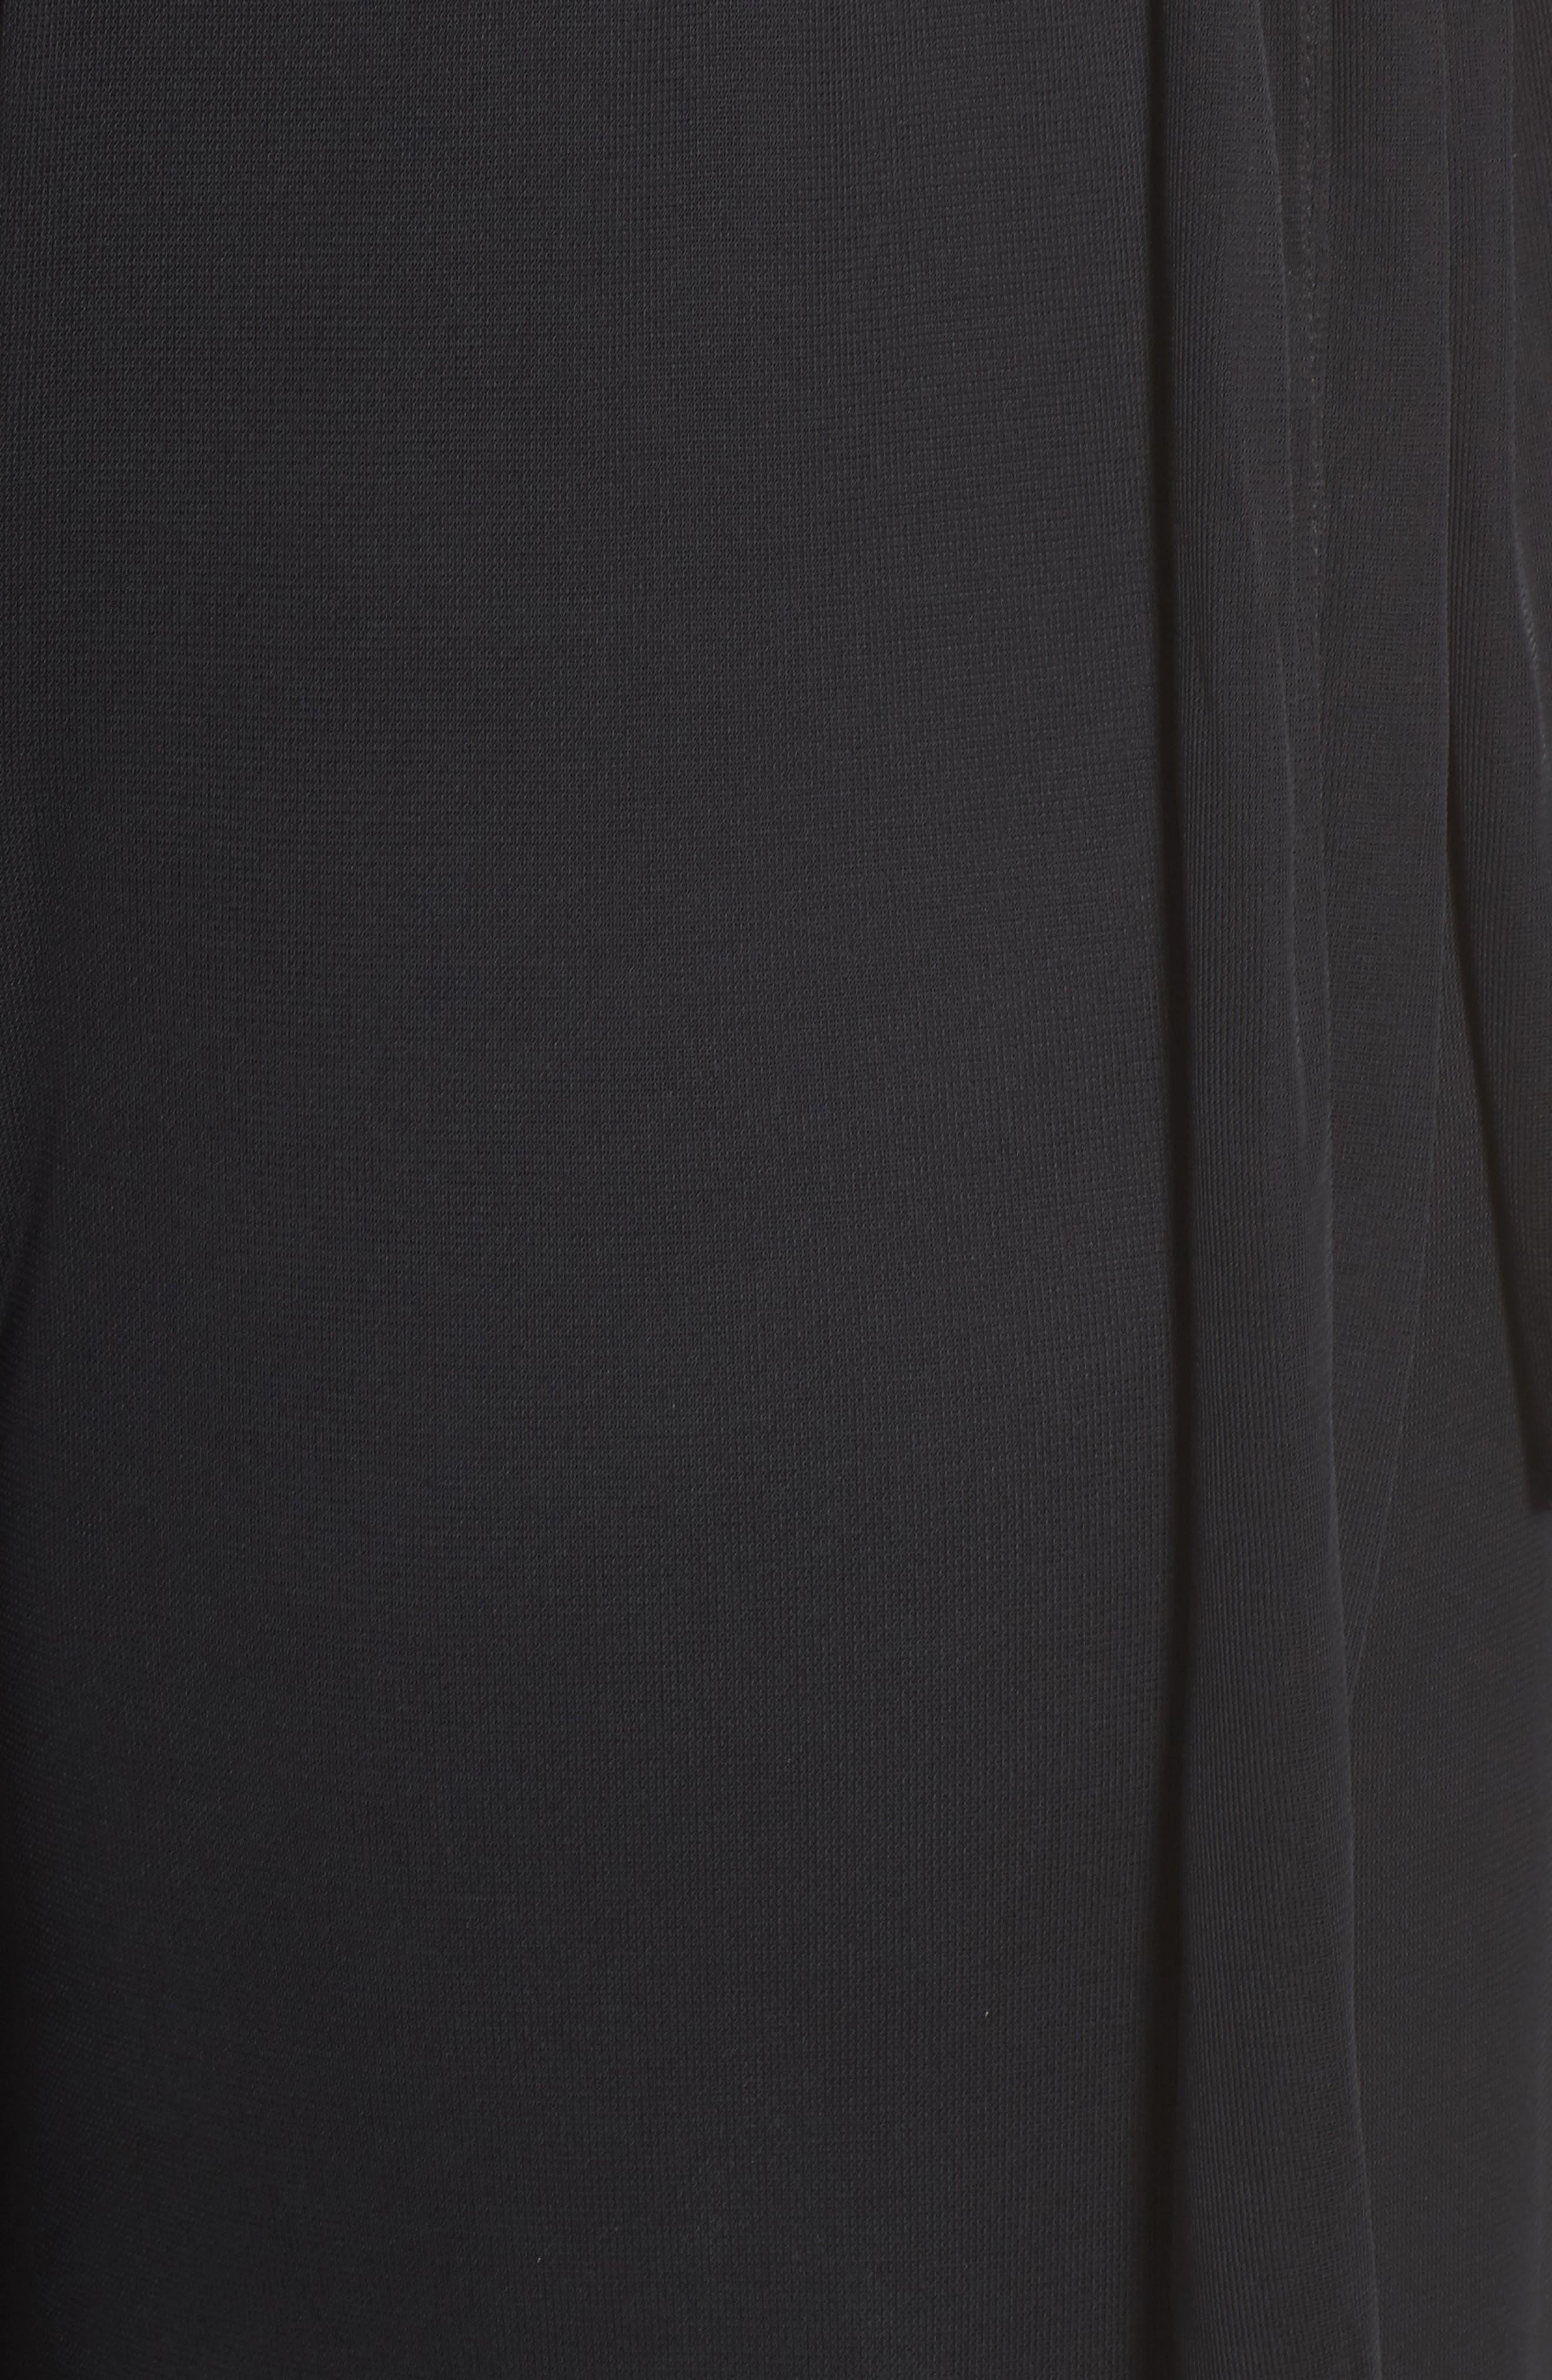 High Rise Tie Waist Wide Leg Pants,                             Alternate thumbnail 5, color,                             BLACK